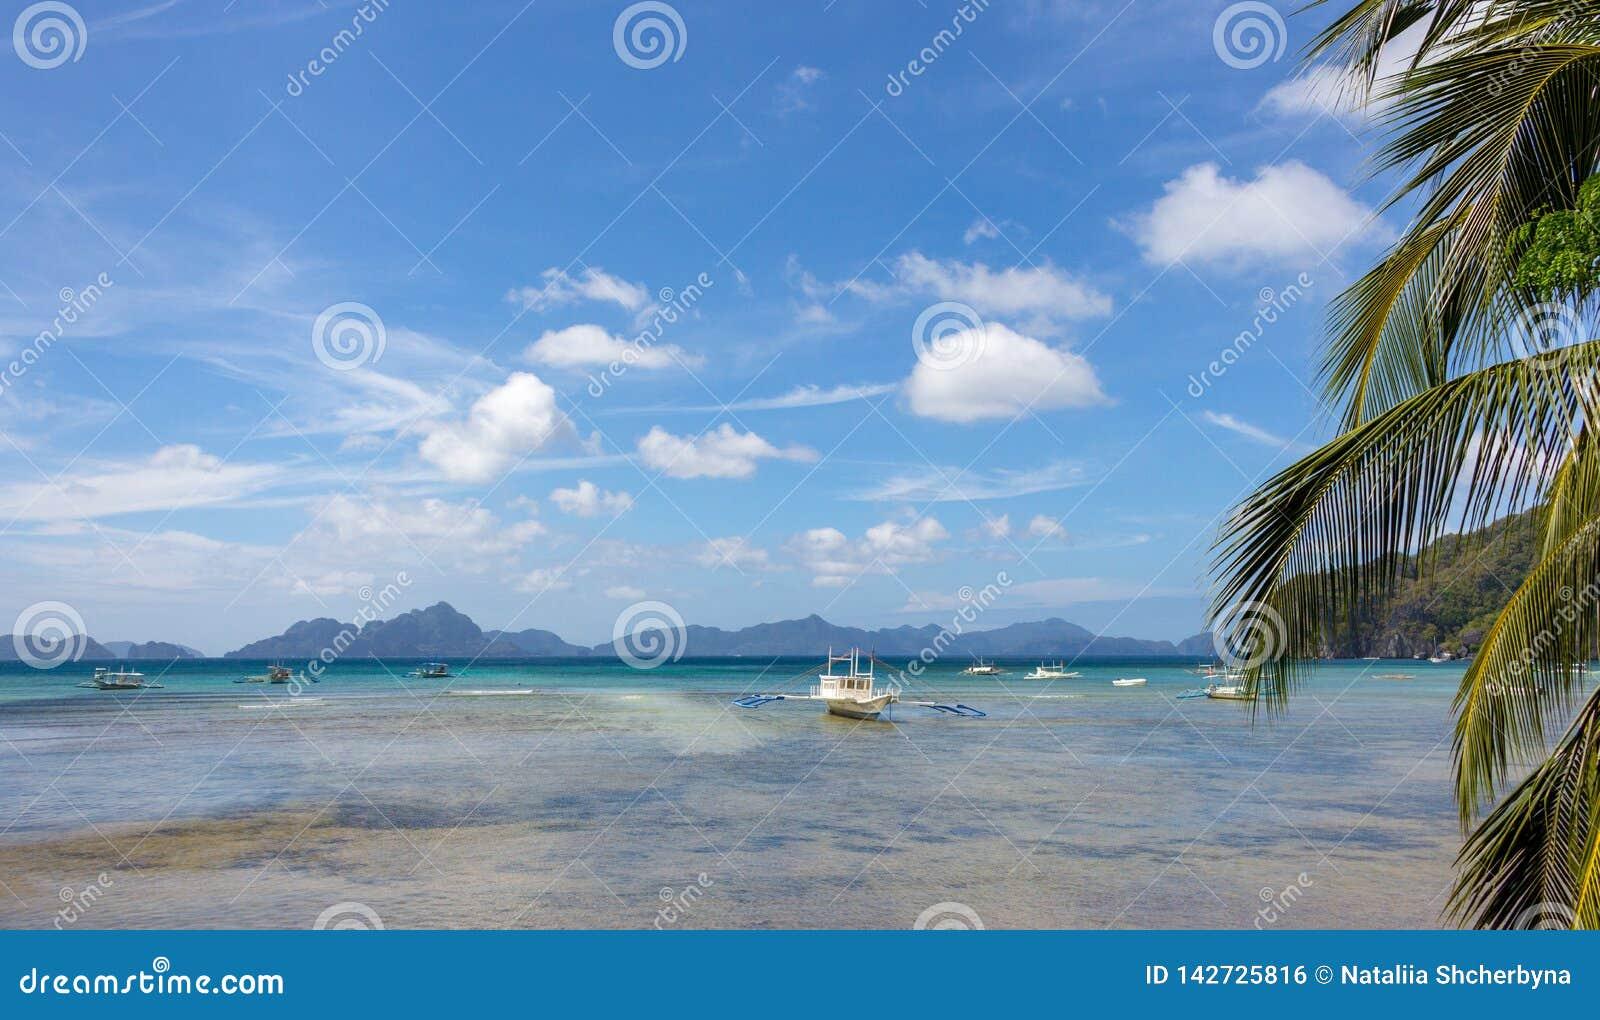 风景热带全景风景 棕榈树和白色小船在海滨在低潮期间 菲律宾,海岛巴拉旺岛,El Nido